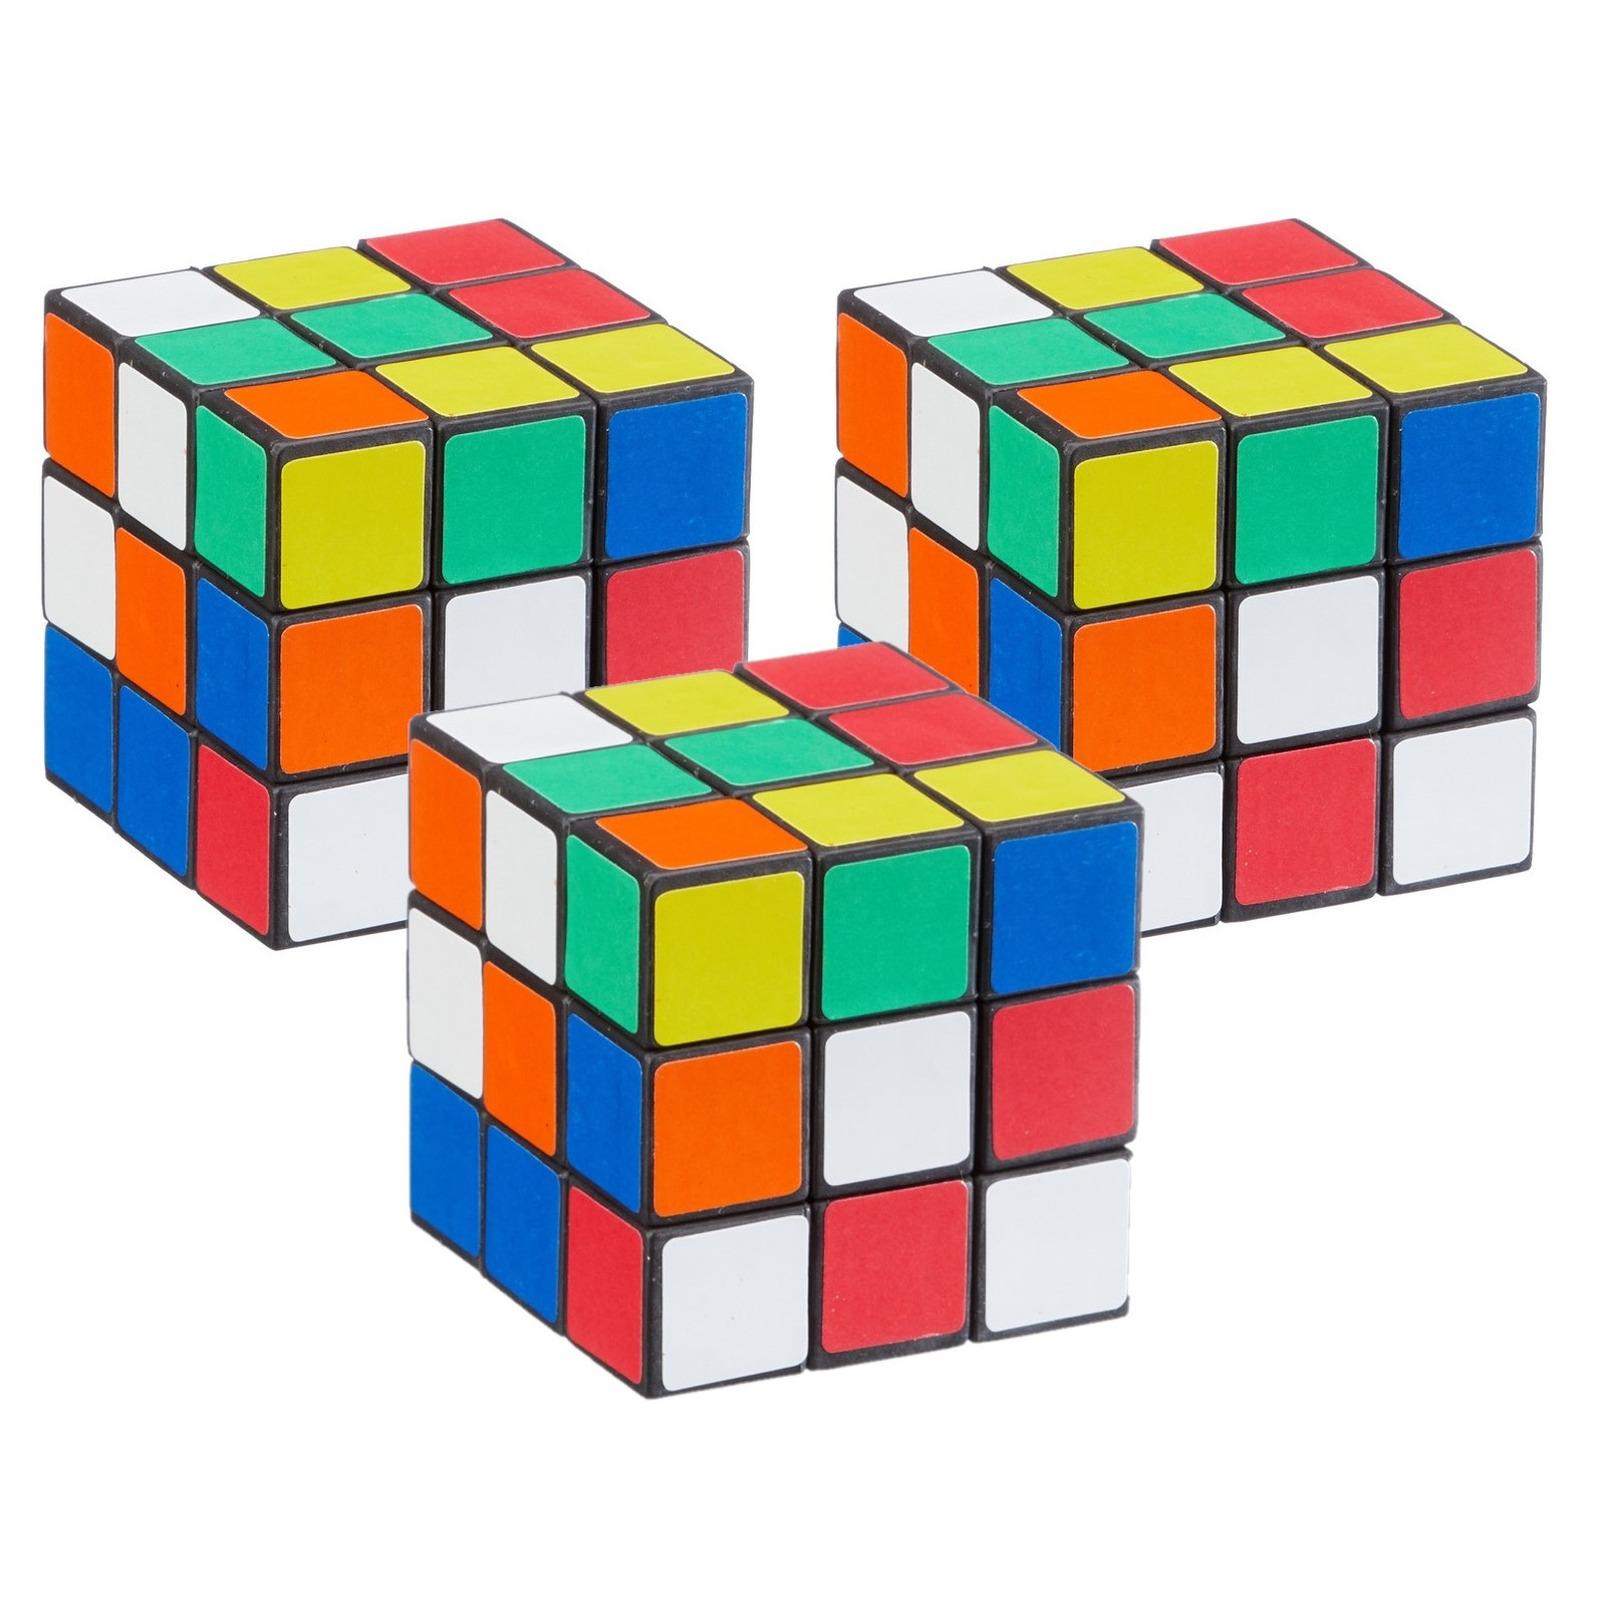 Pakket van 3x stuks kubus puzzels behendigheid spelletjes 6 cm